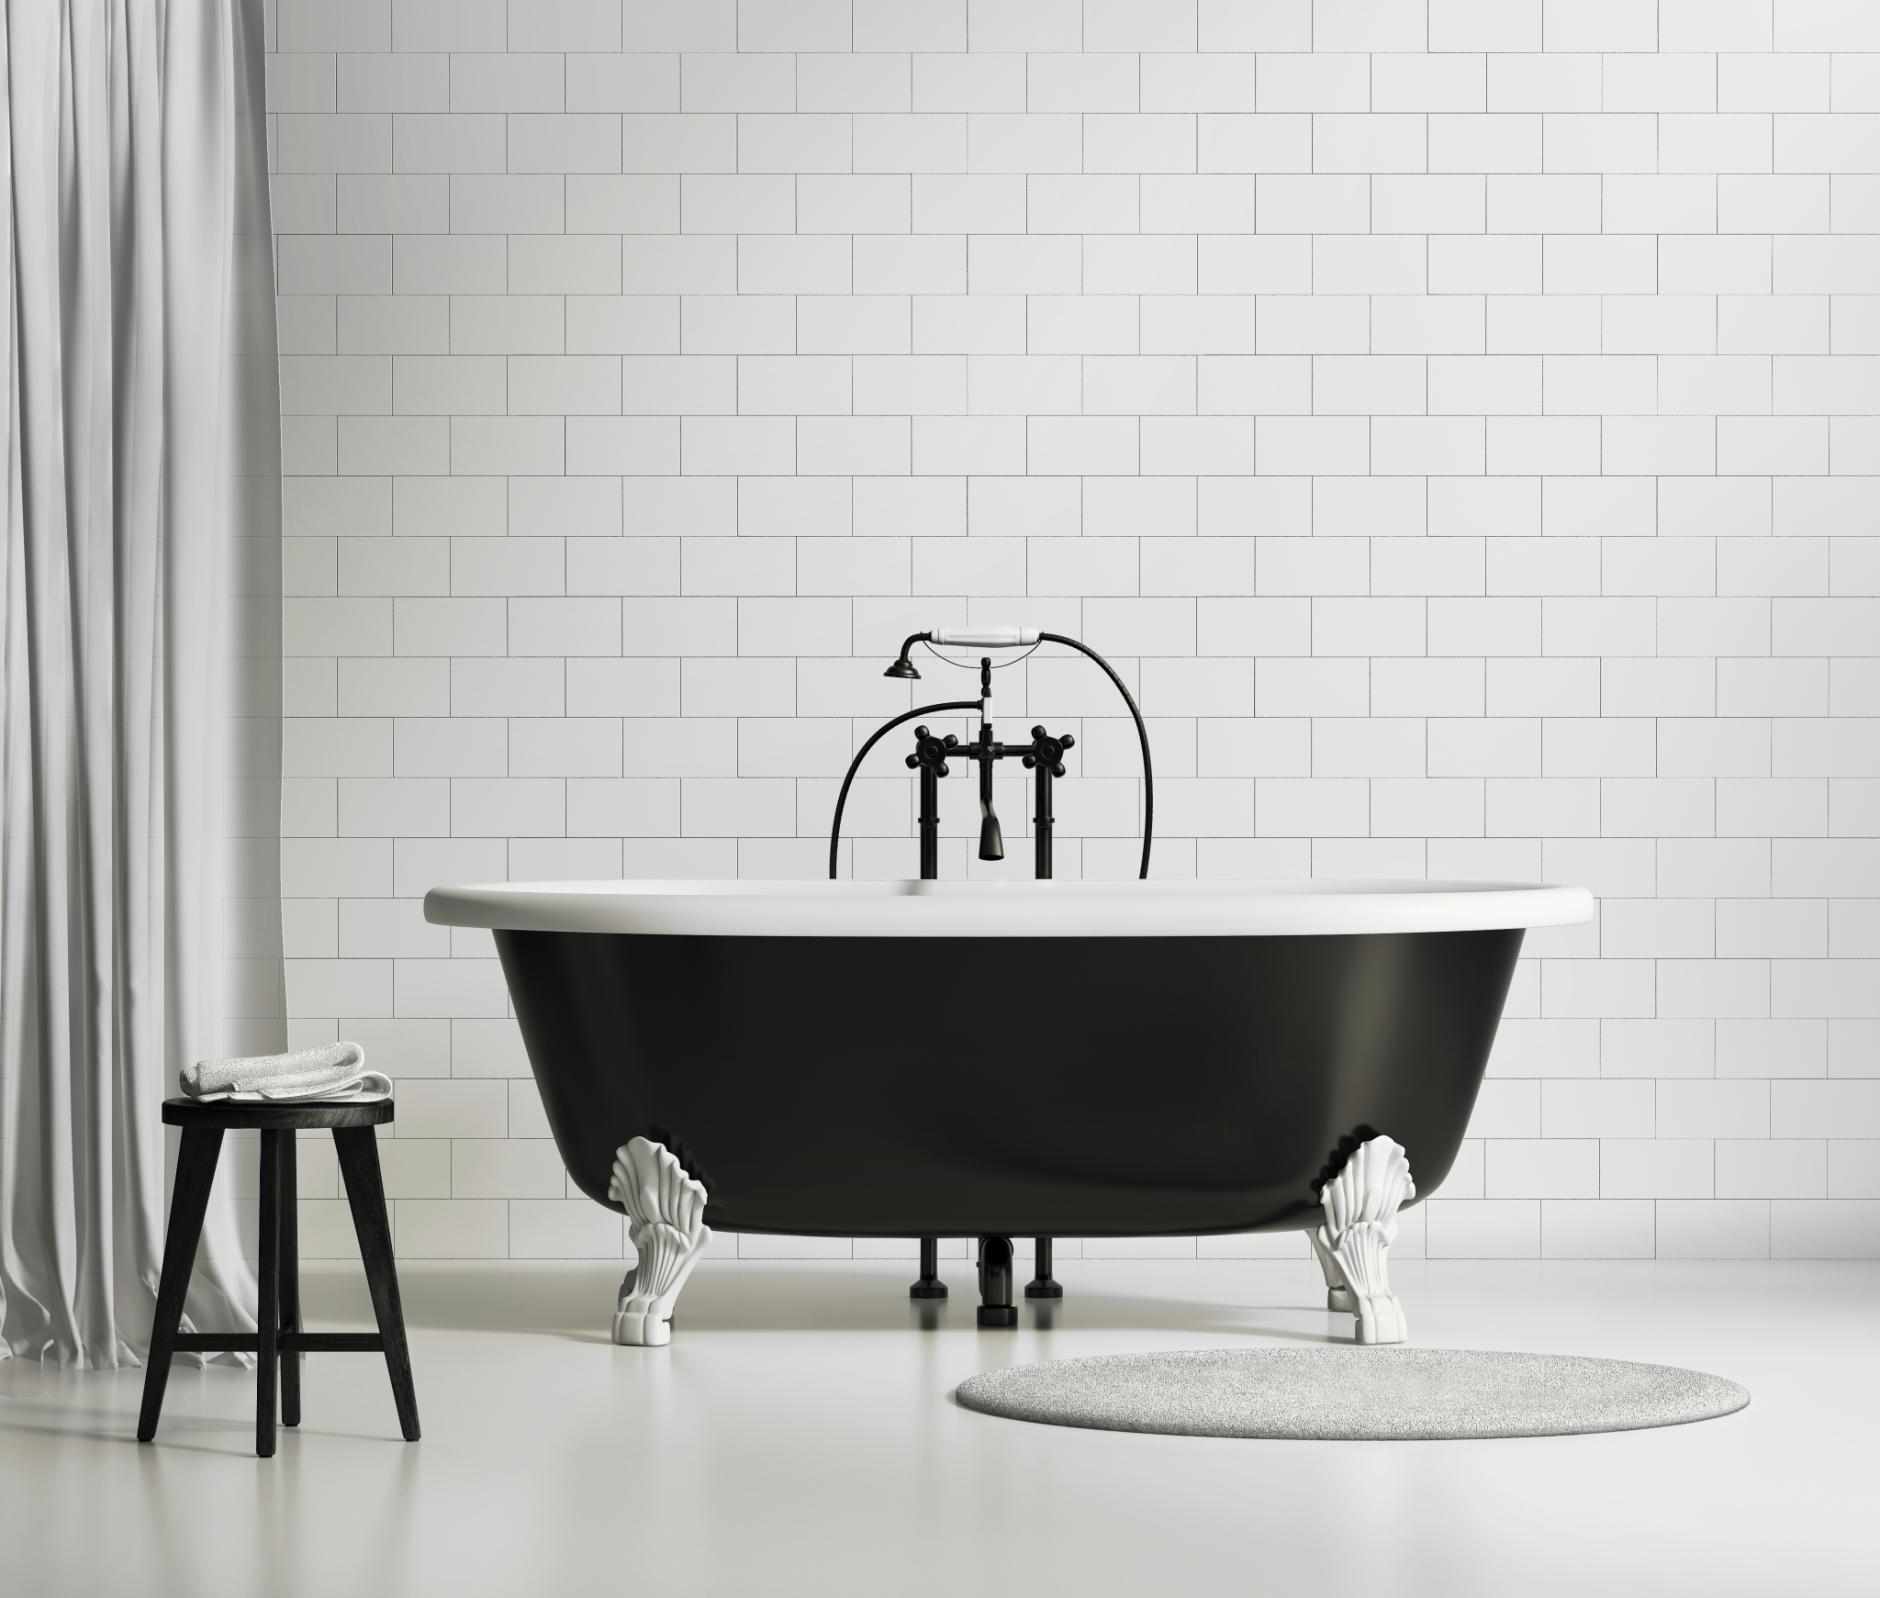 old fashioned bathtub tubethevote - Vintage Tub